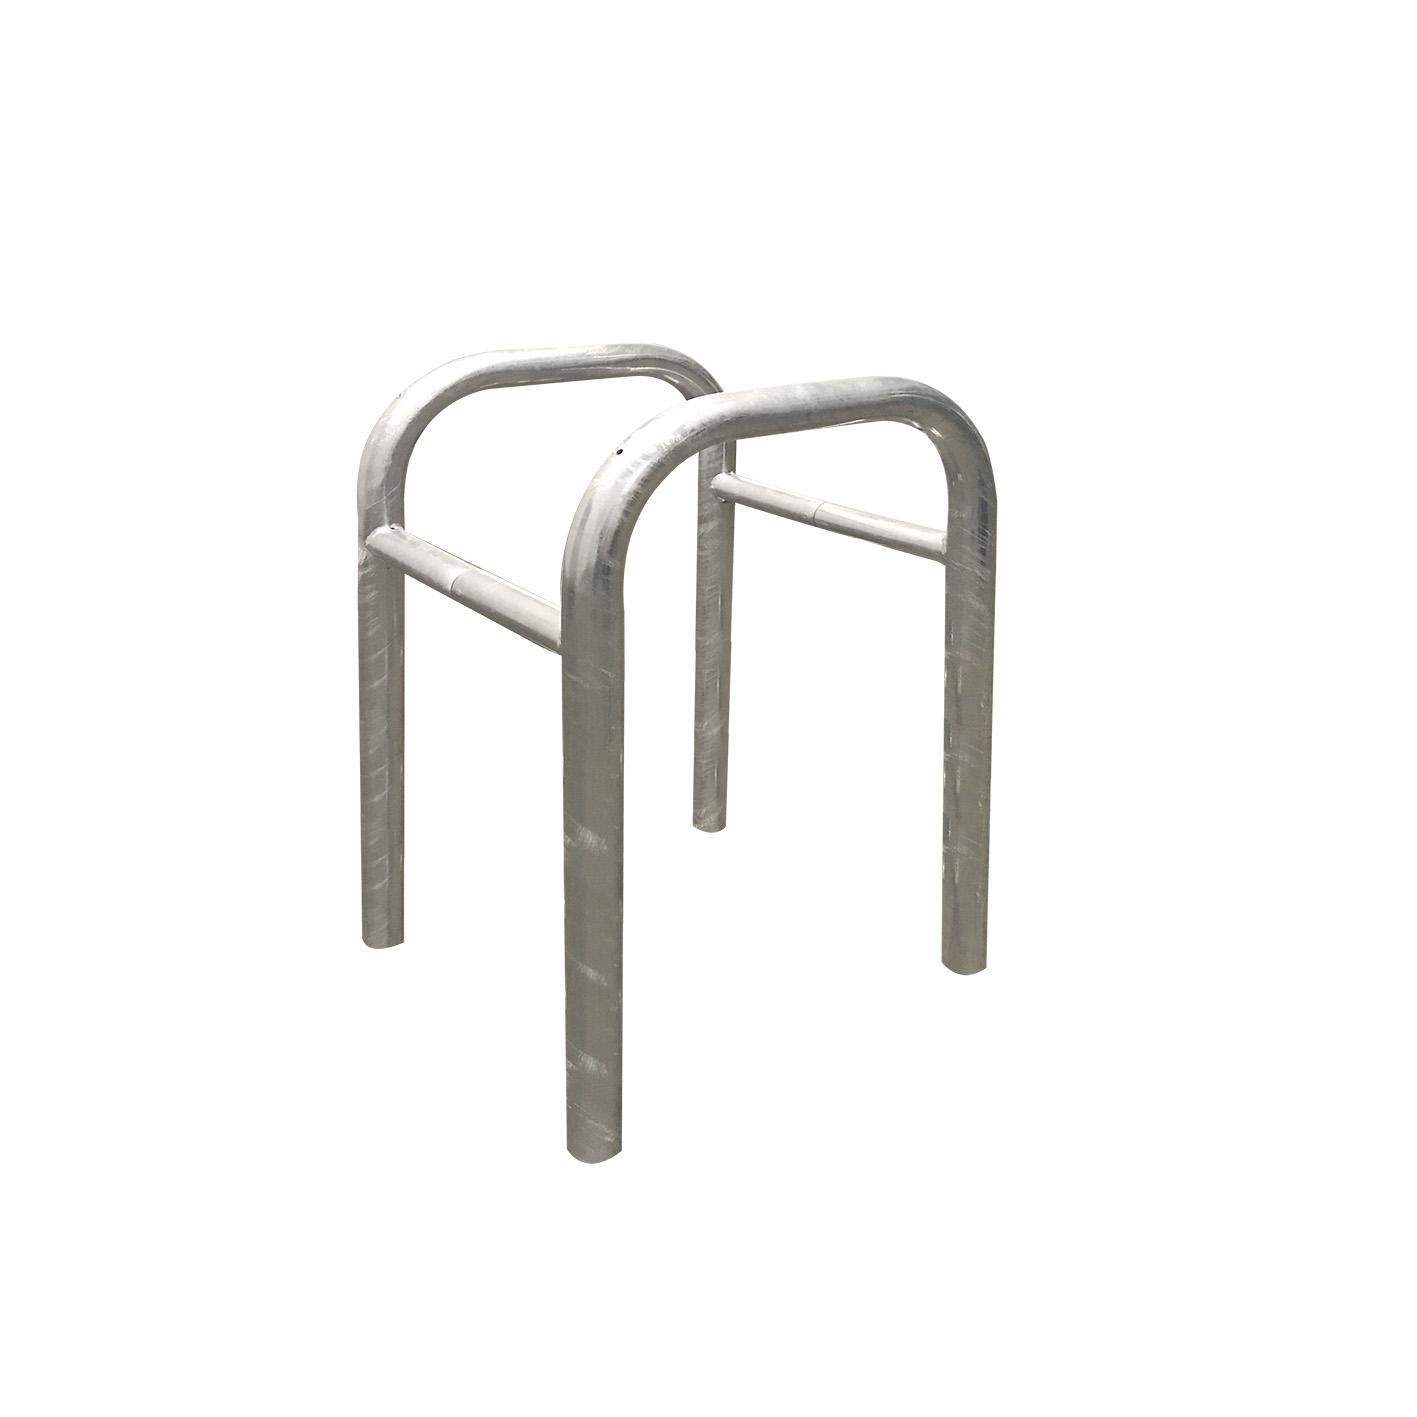 Abweisebügel, Stahlrohr Ø 60 |  0,4 m bis 2,5 x 1 m  bis 1,4 m